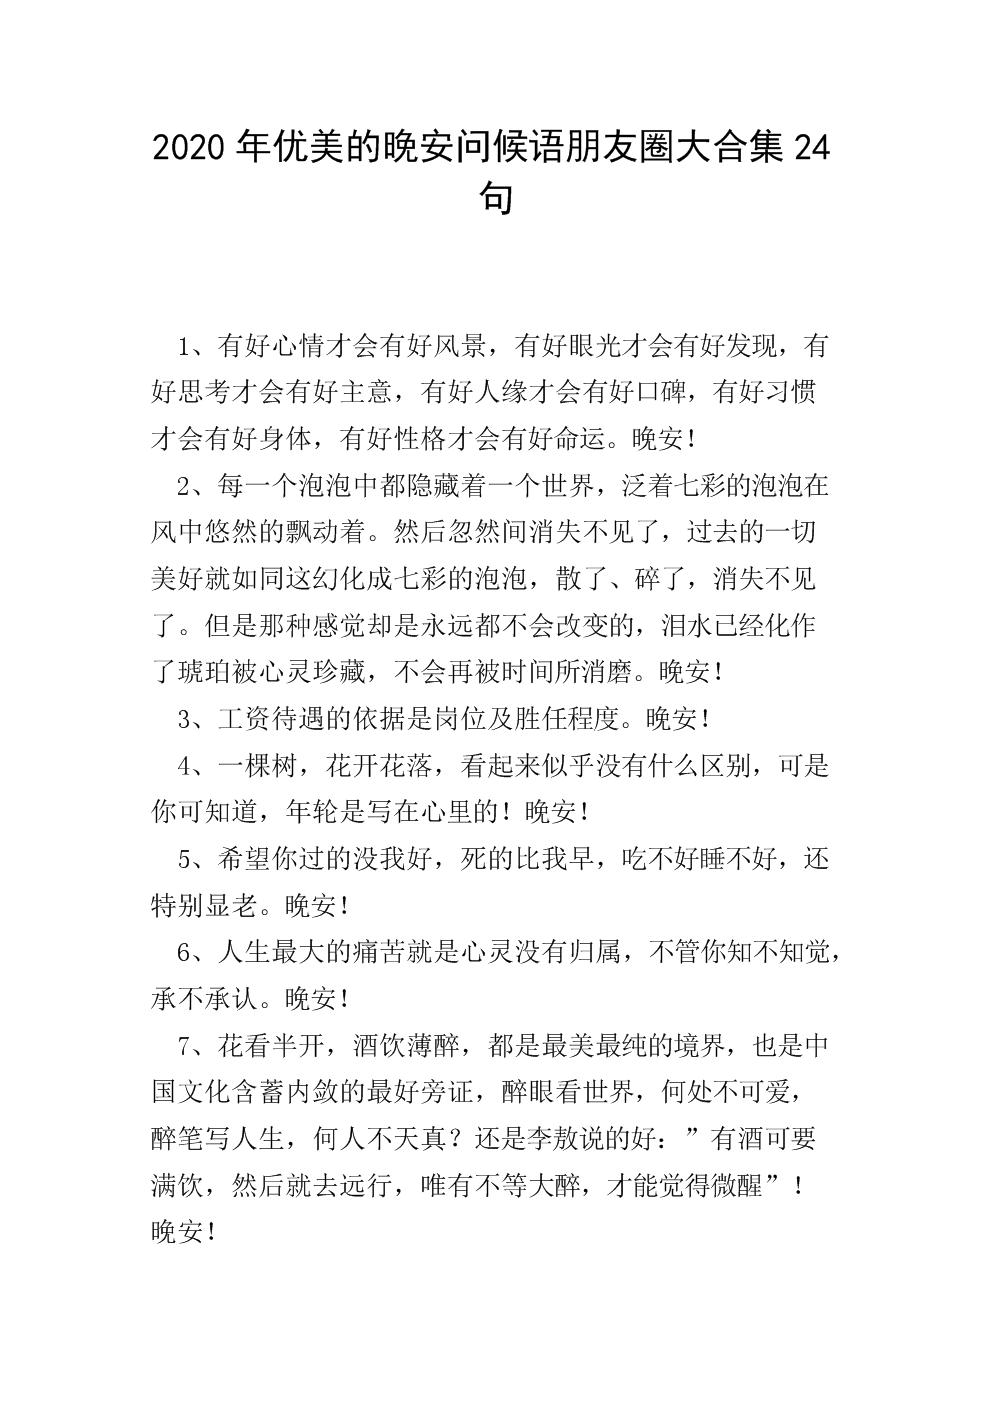 2020年优美的晚安问候语朋友圈大合集24句.doc